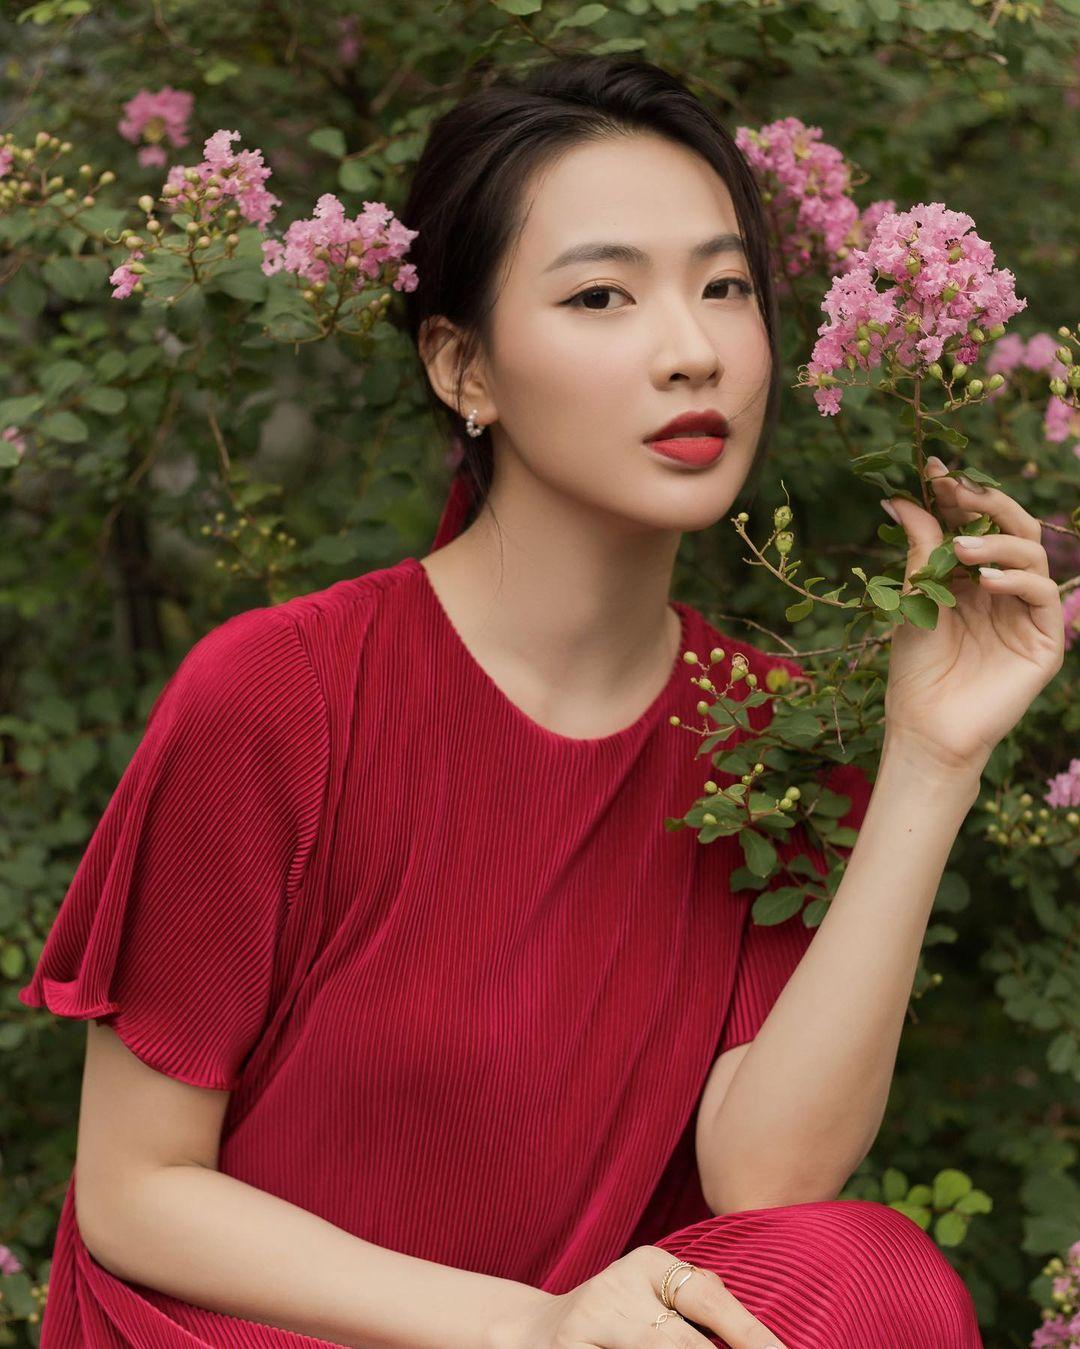 Nguyễn Minh Trang, sinh năm 1995 được khán giả biết đến qua những phim nhưTình khúc Bạch Dương, Bạch mã hoàng tử,Chọc tức vợ yêu ... Gần đây, cô đảm nhận vai Trúc - một cô nàng tiểu thư nhà giàu, cô đơn, yếu đuối và lụy tình trong phim Cây táo nở hoa.